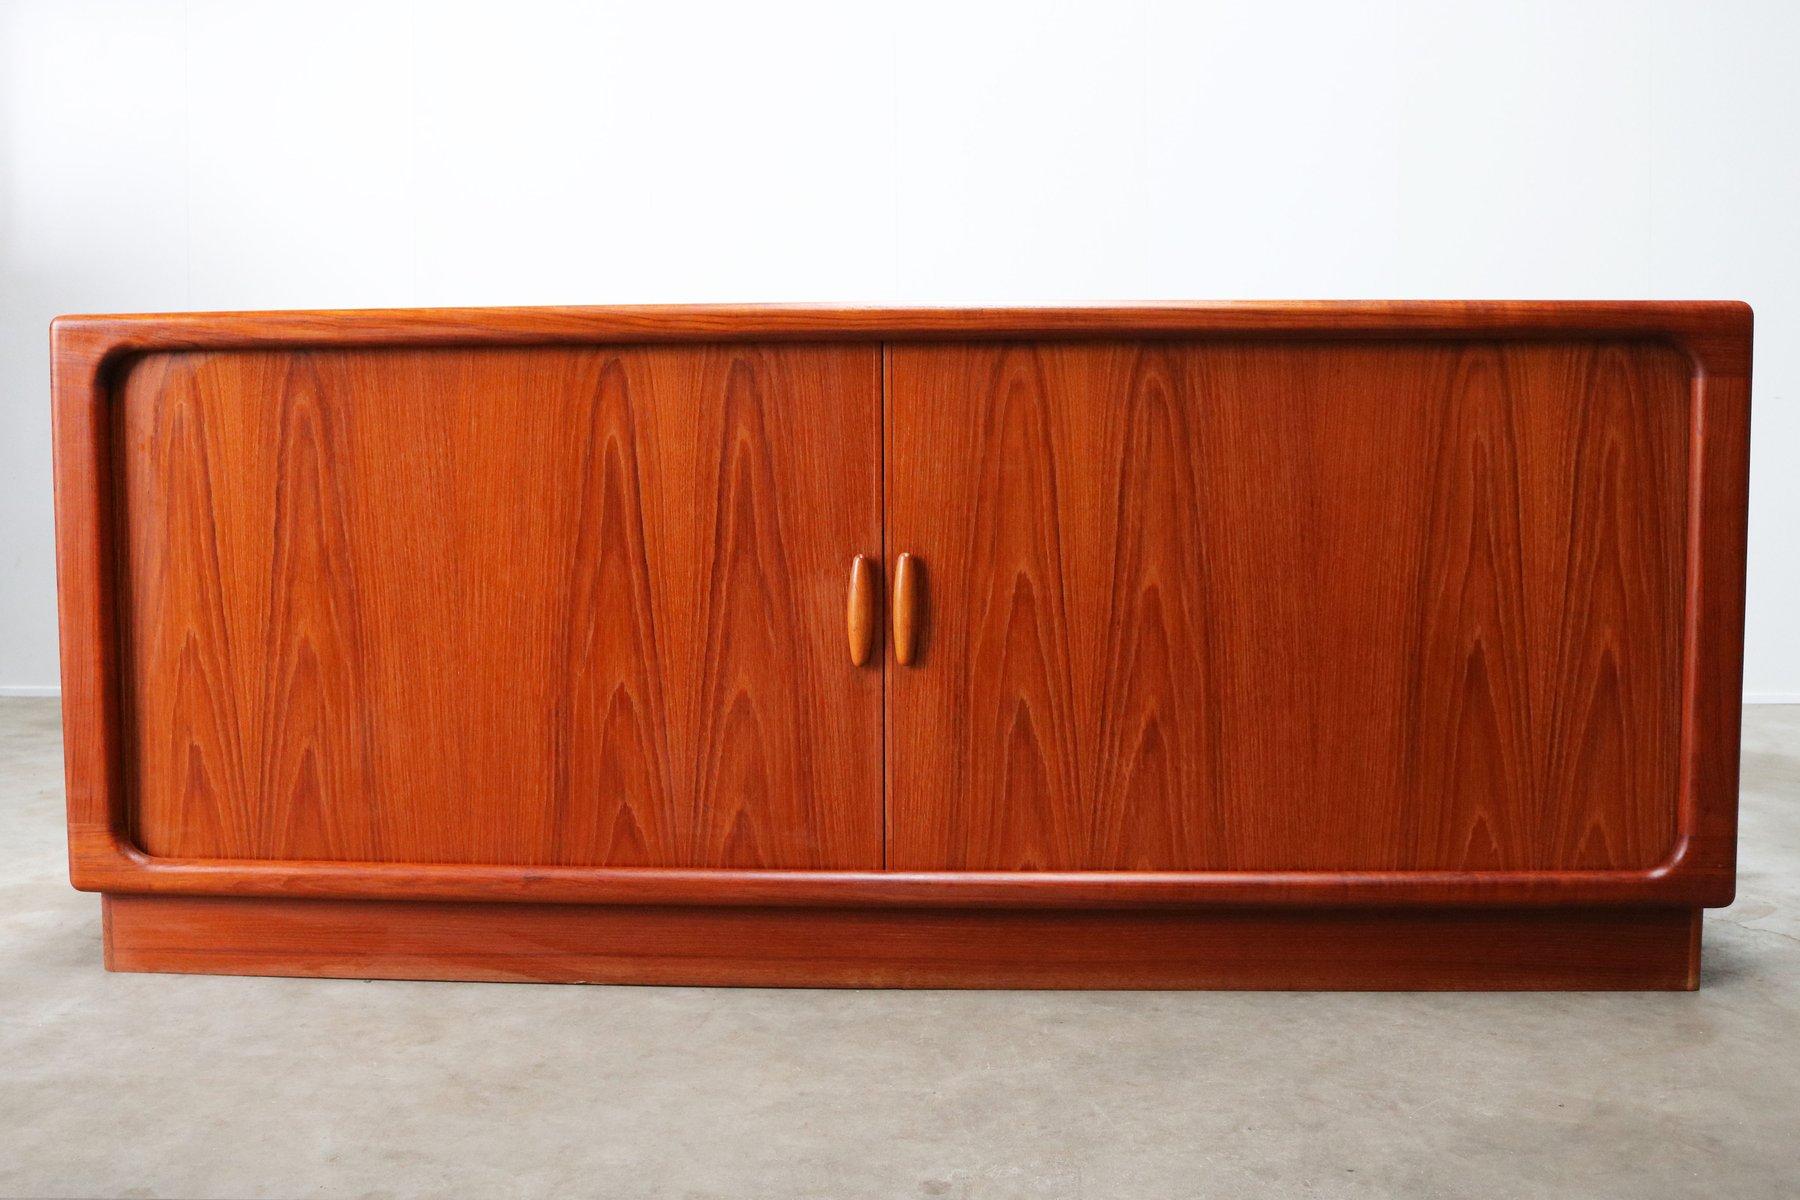 Dyrlund Danish Credenza : Danish teak credenza with tambour doors from dyrlund 1950s for sale